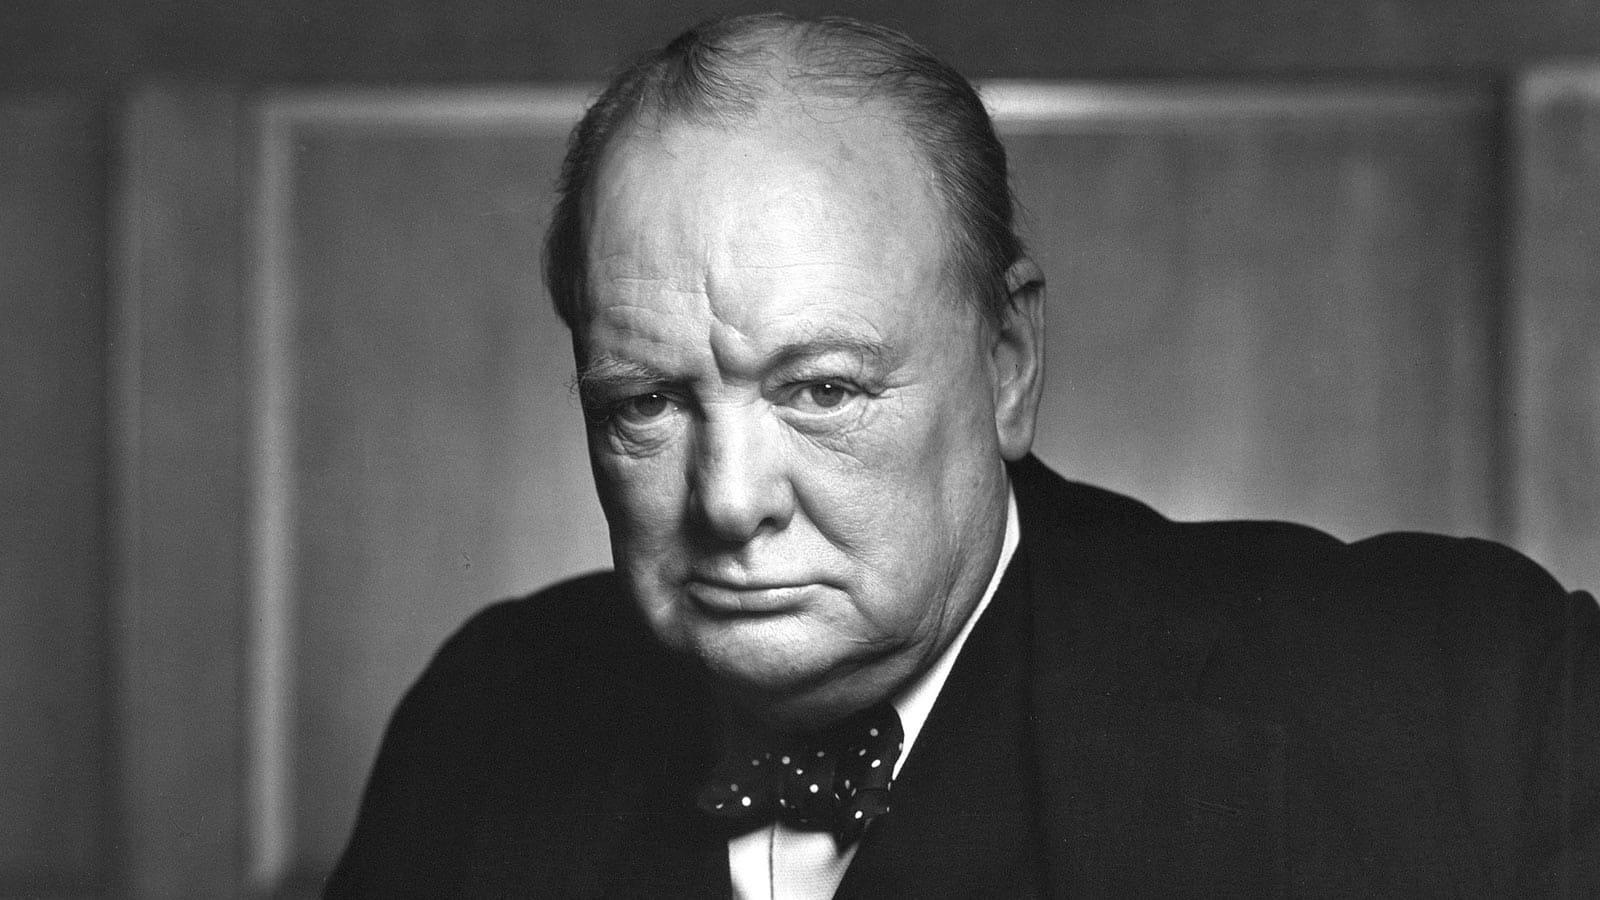 Neben Churchill gibt es viele weitere berühmte Whisky-Trinker